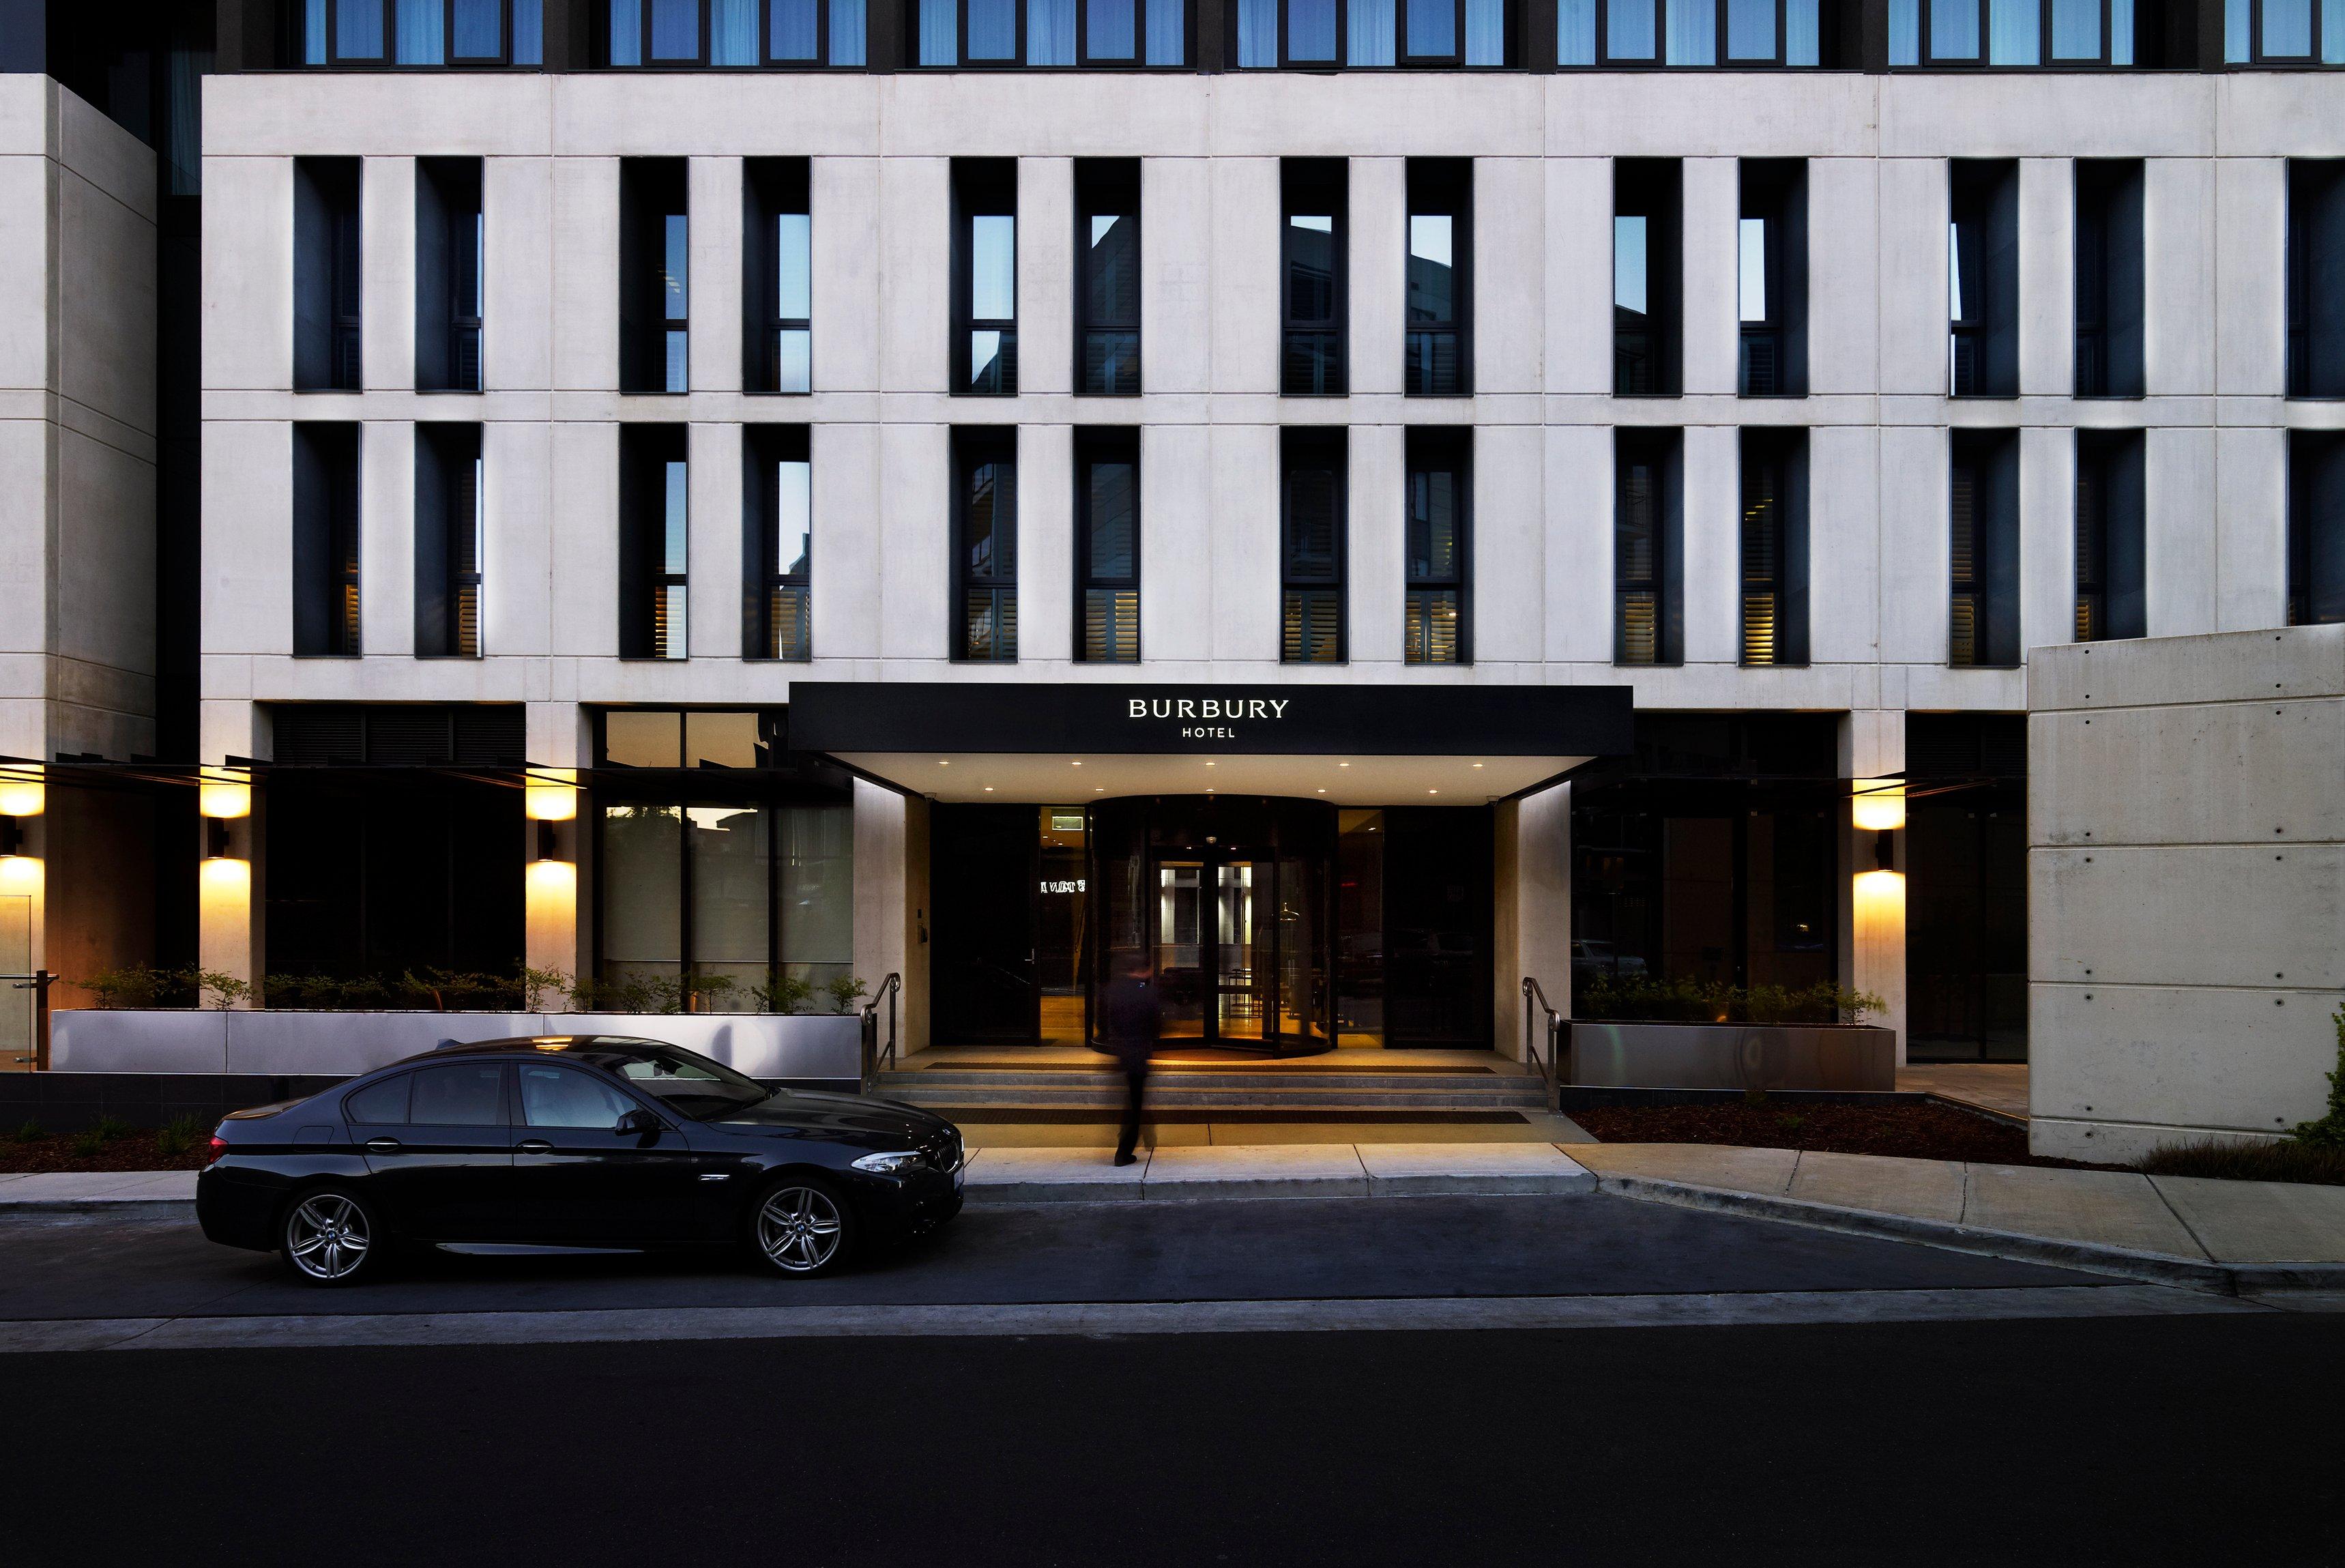 버버리 호텔